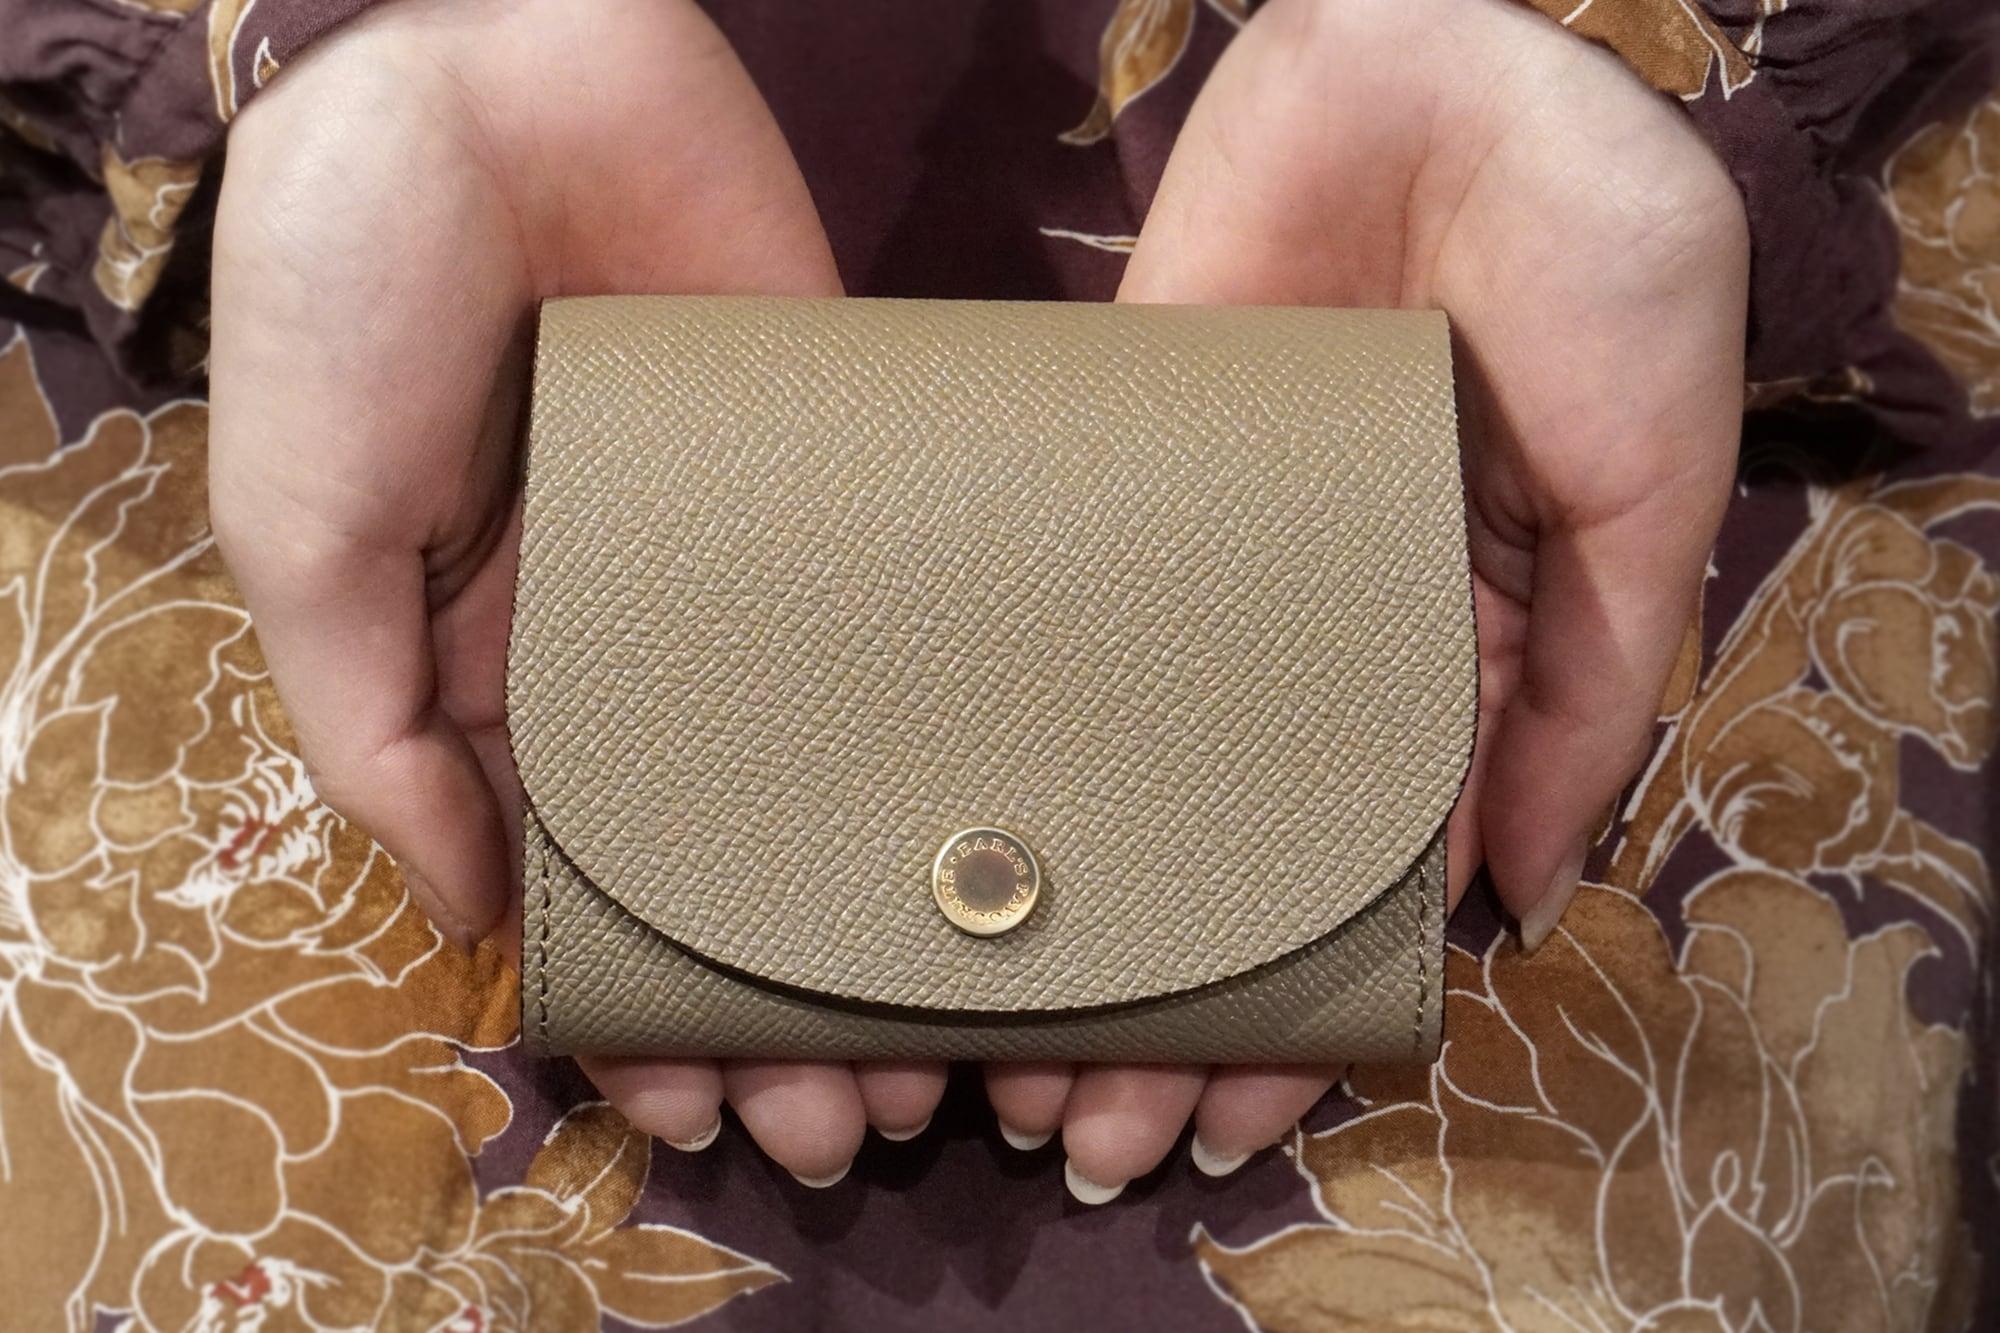 【限定色】身軽にキメたい時のコンパクト財布 ぷっくり型パーティーレザー・グレージュ(本革製)